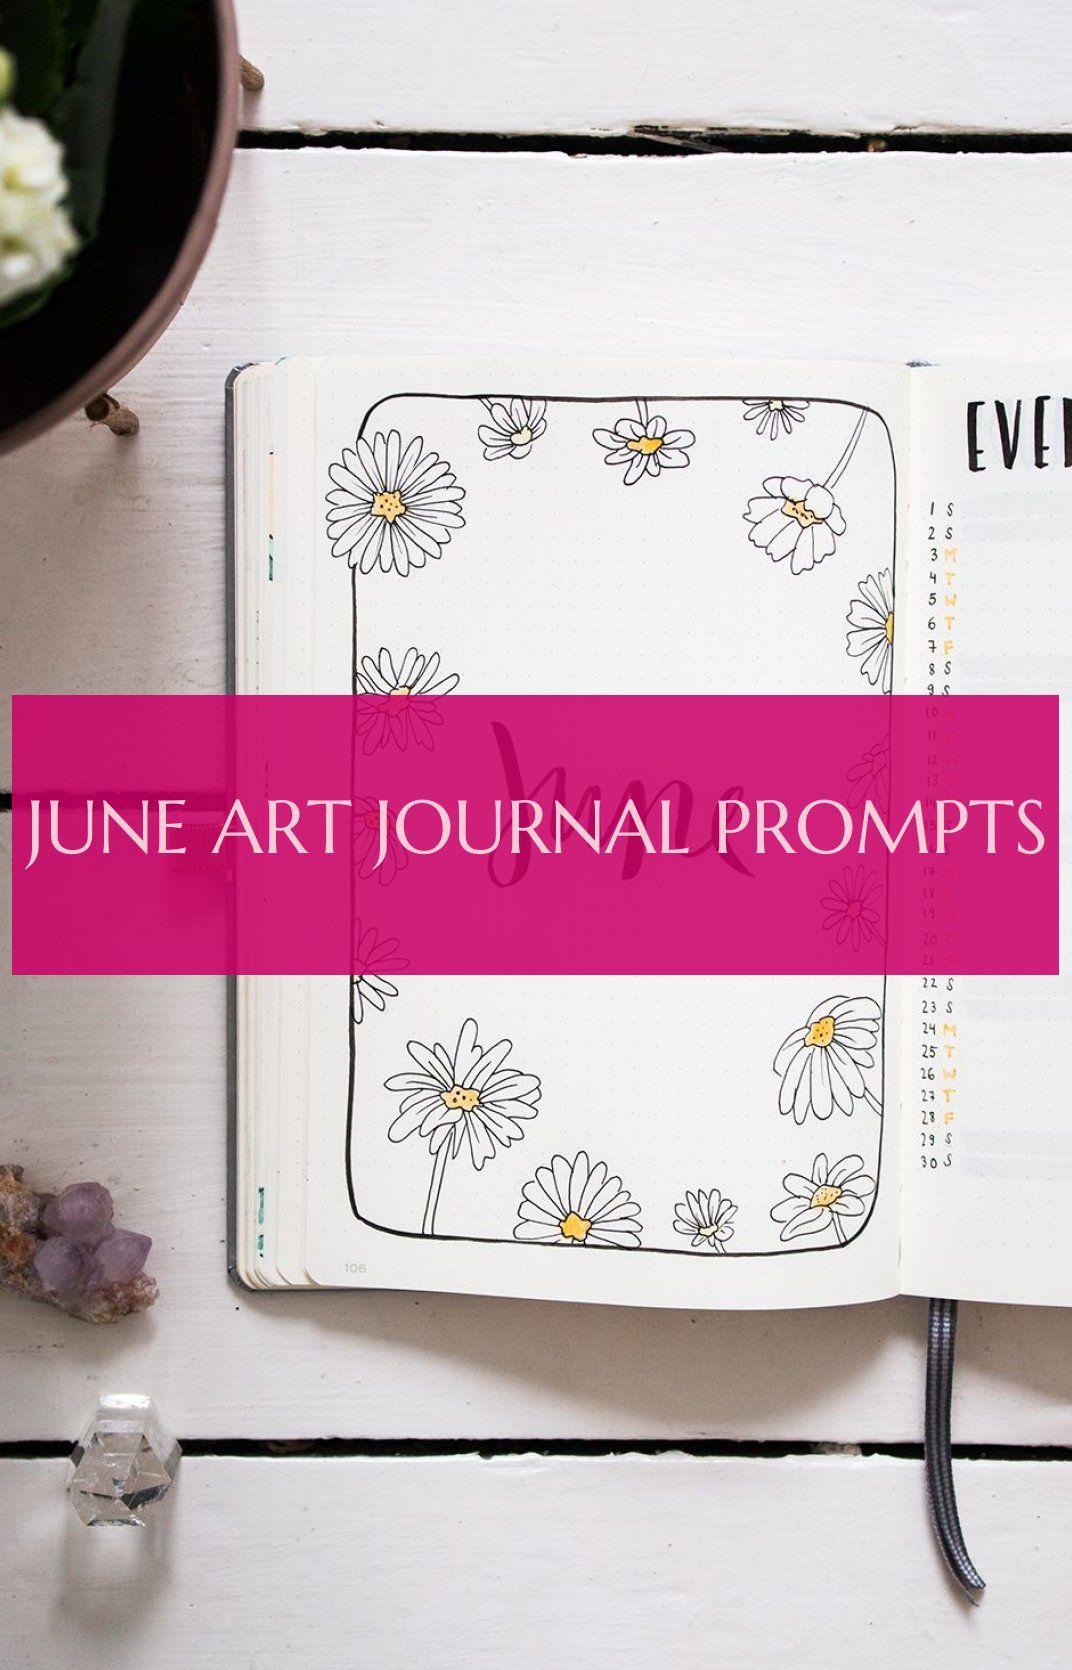 June Art Journal Prompts Eingabeaufforderungen Für Das Kunstjournal Im Juni